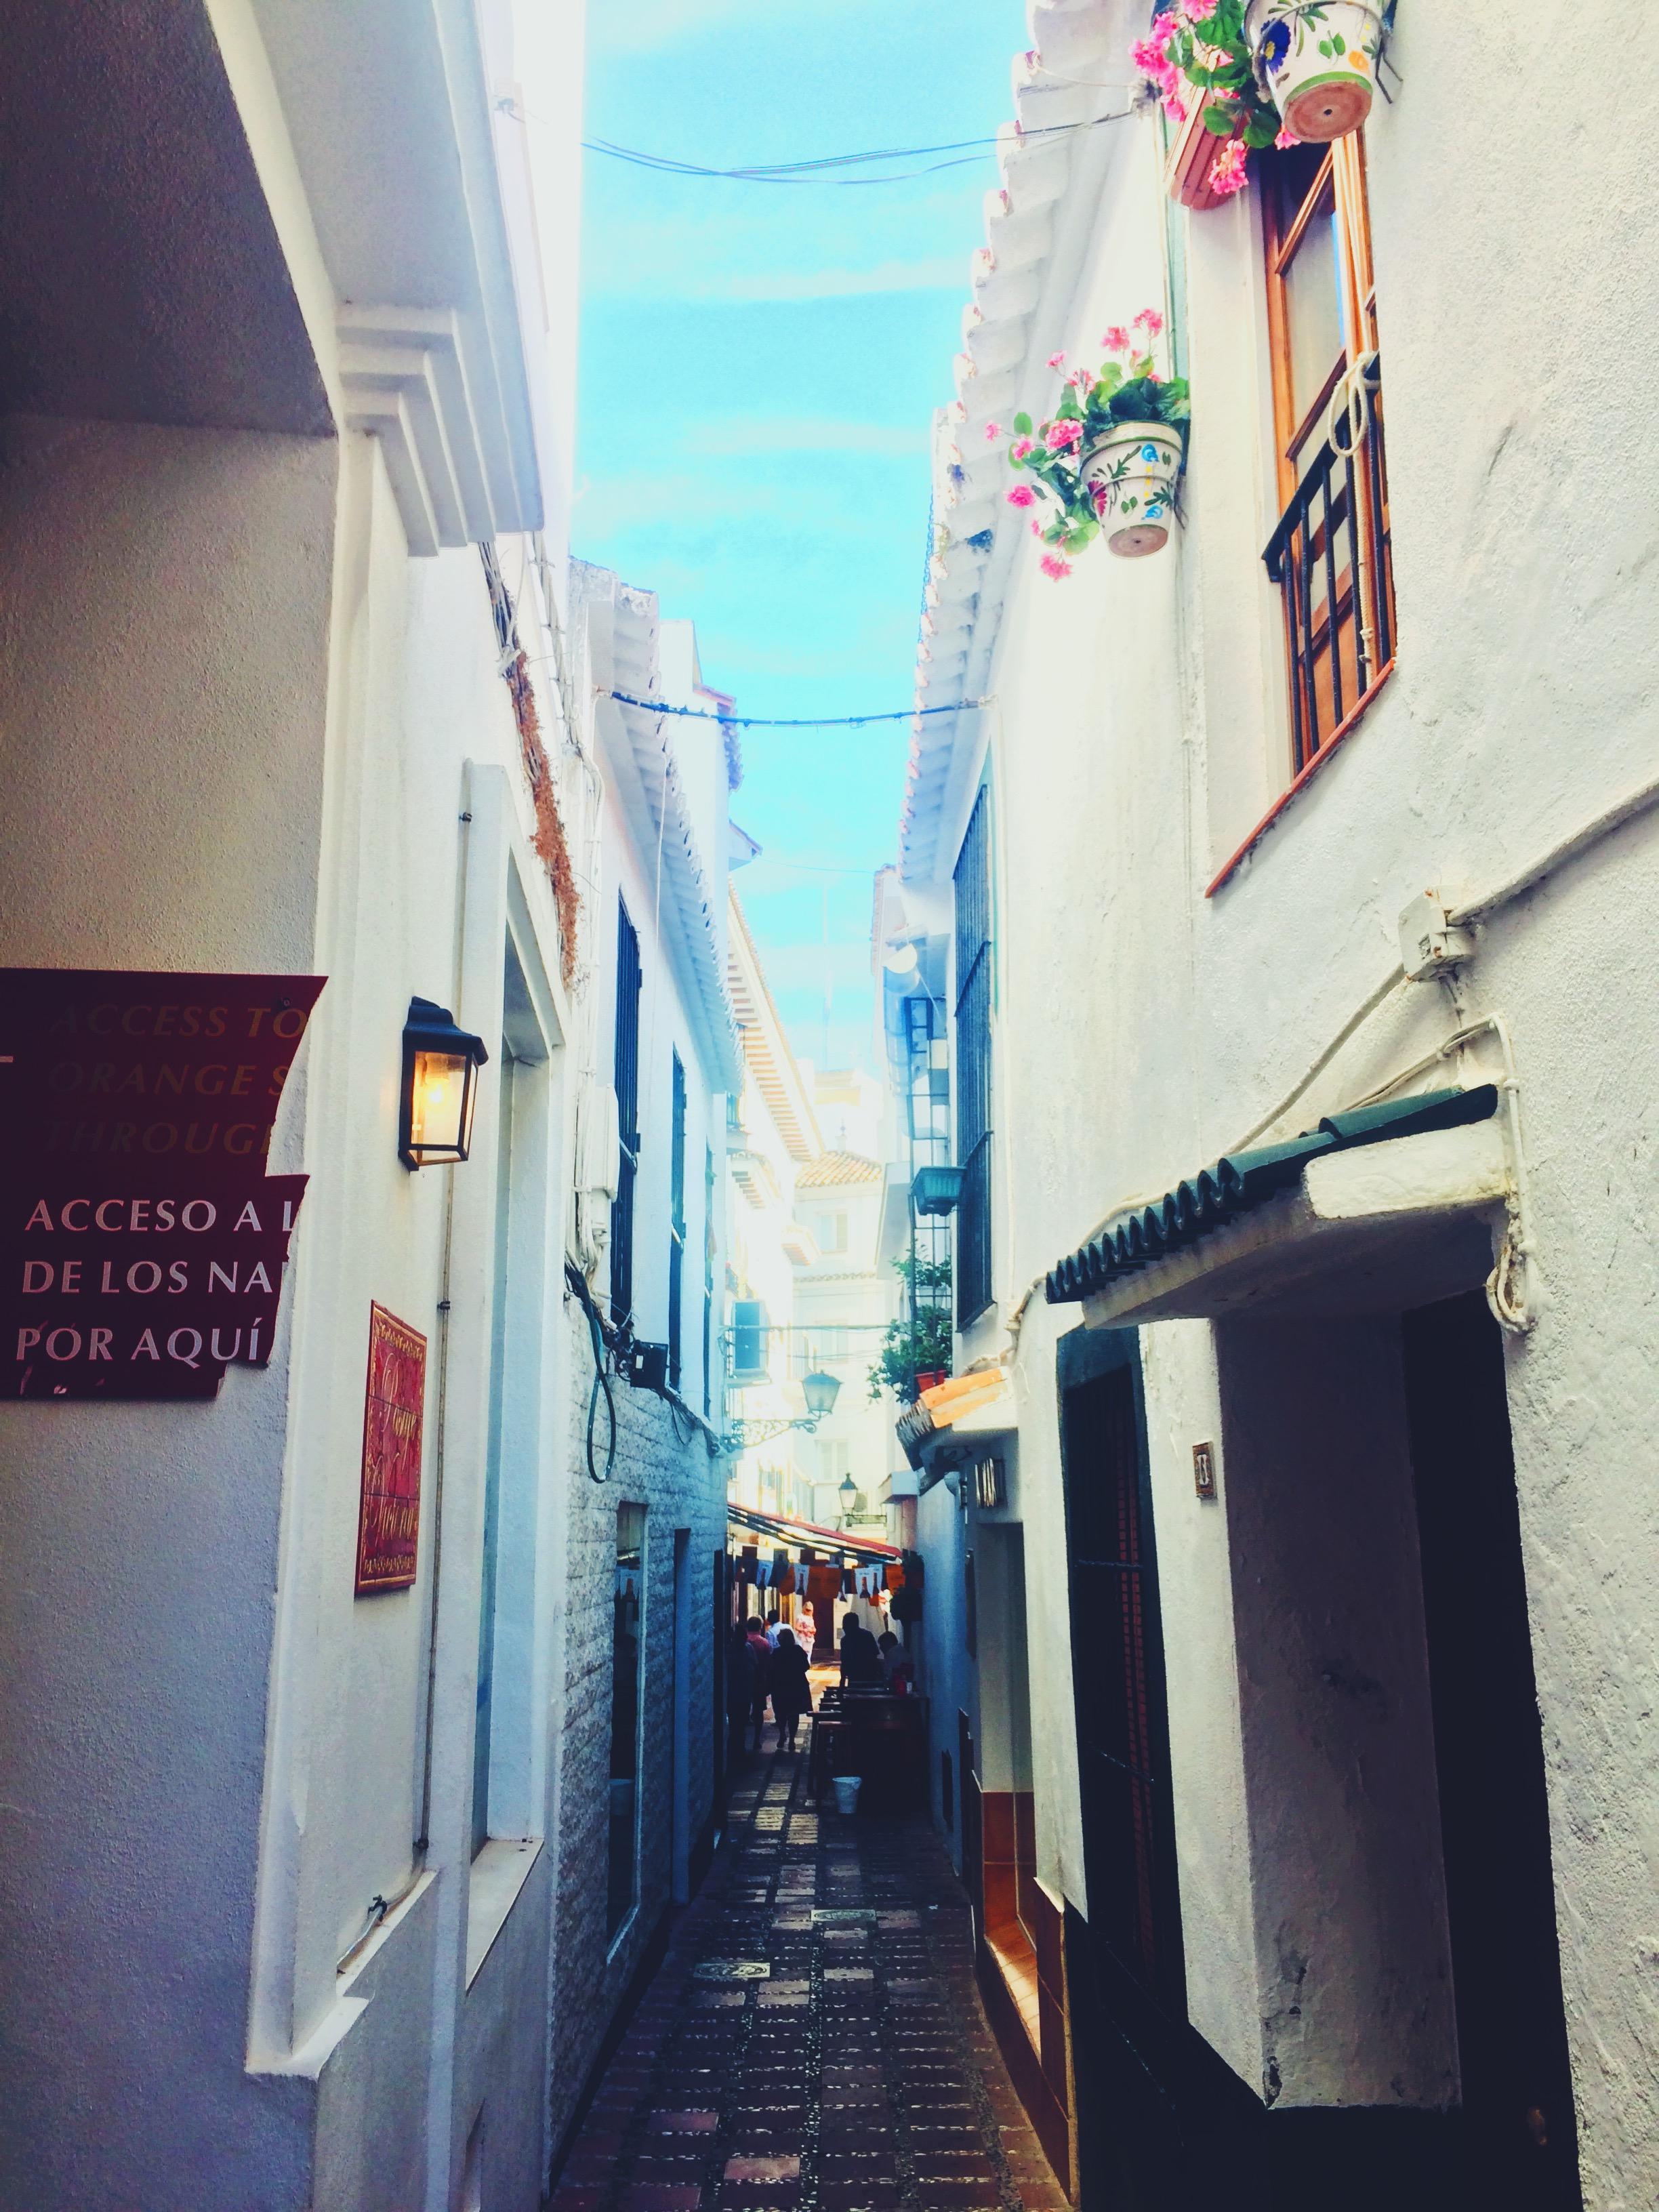 Calle_Pantaleón_Marbella